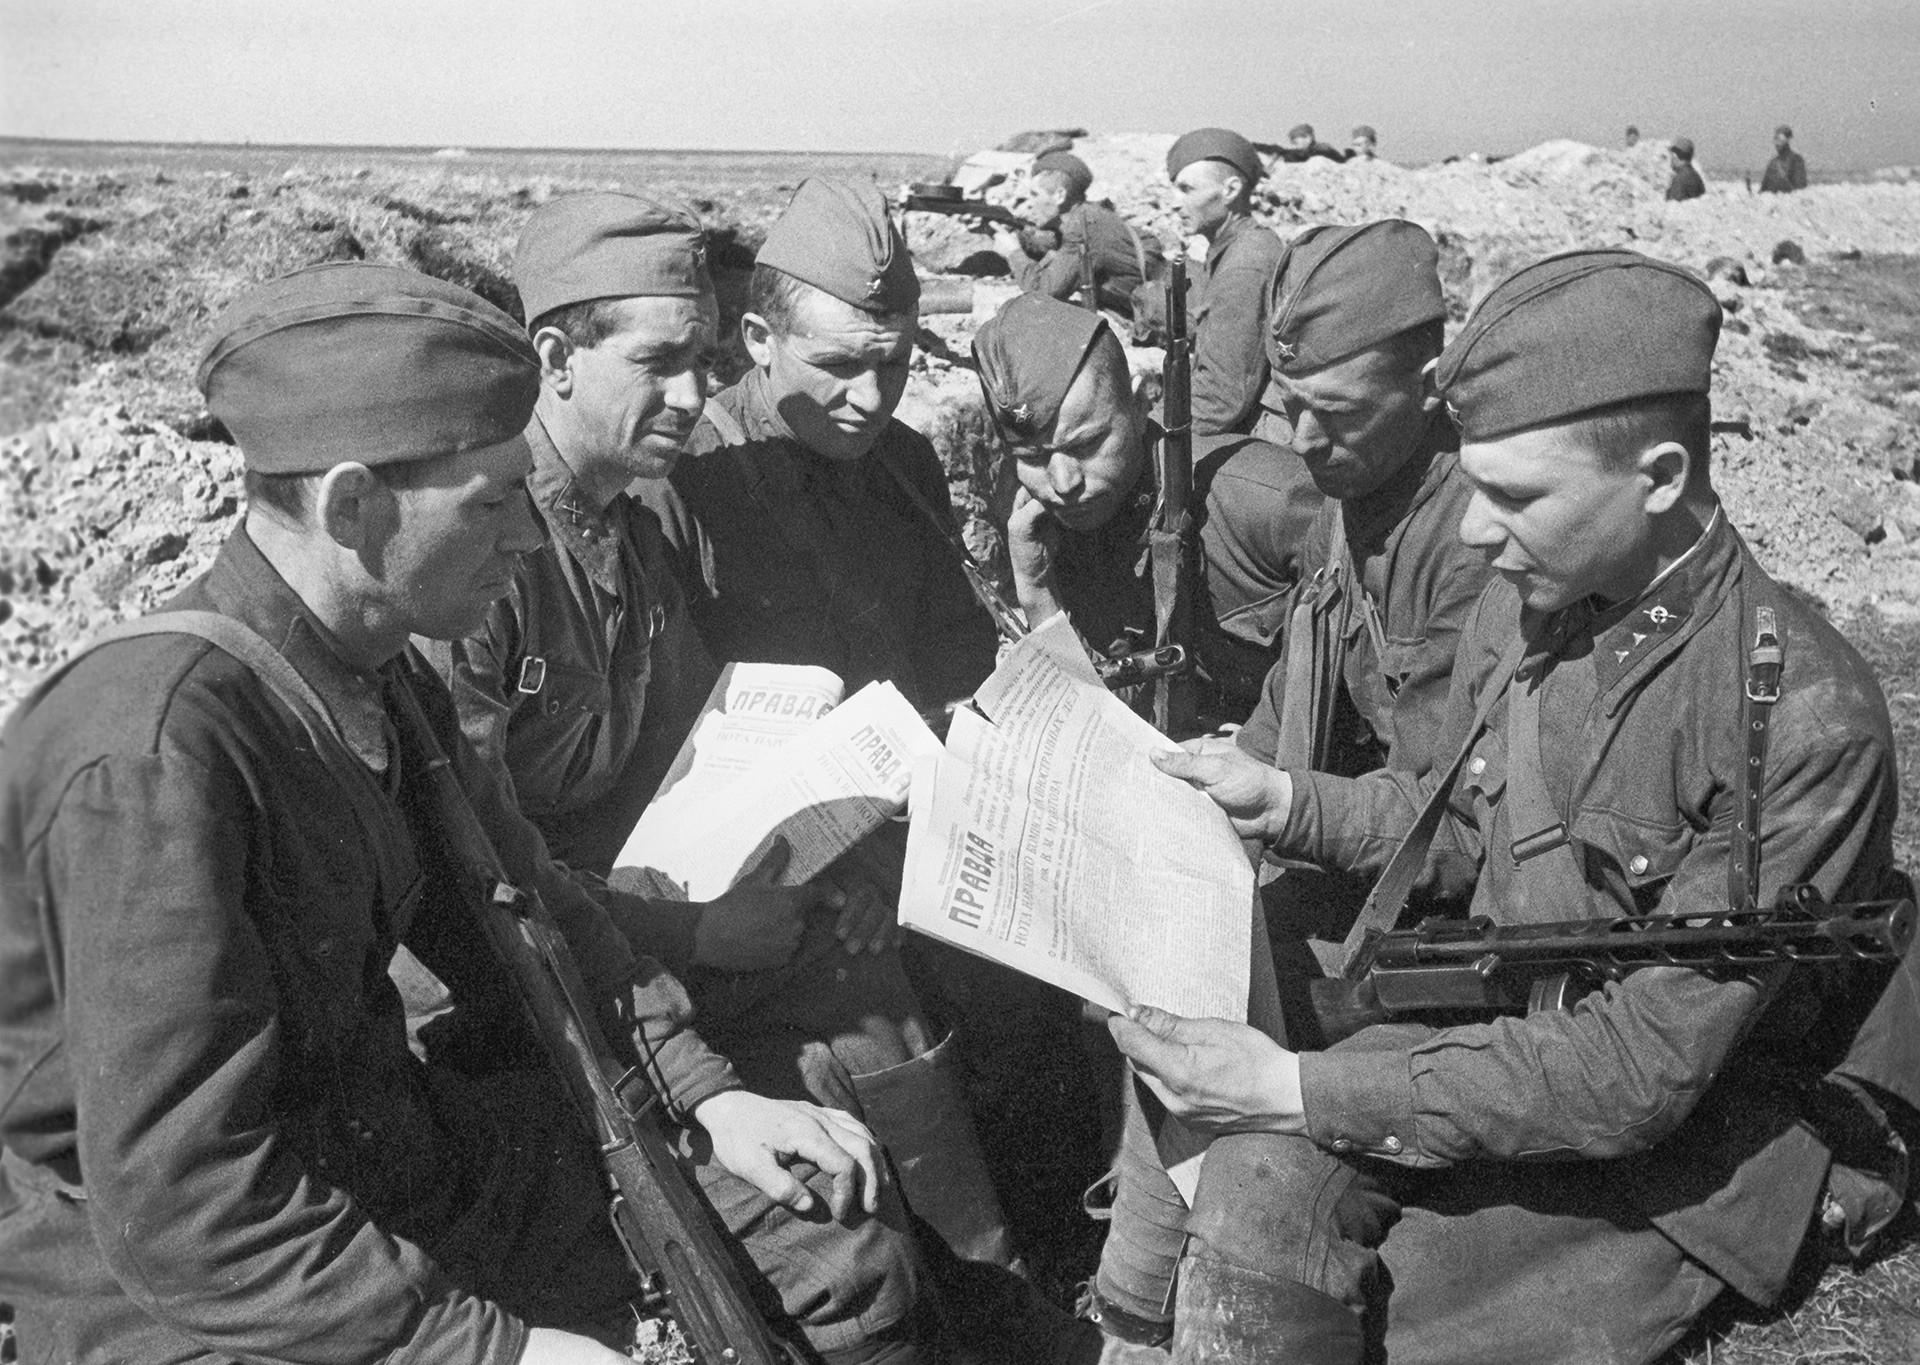 Великата отечествена война (1941-1945). Ленинградския фронт. Войници от Червената армия в окопите с вестник